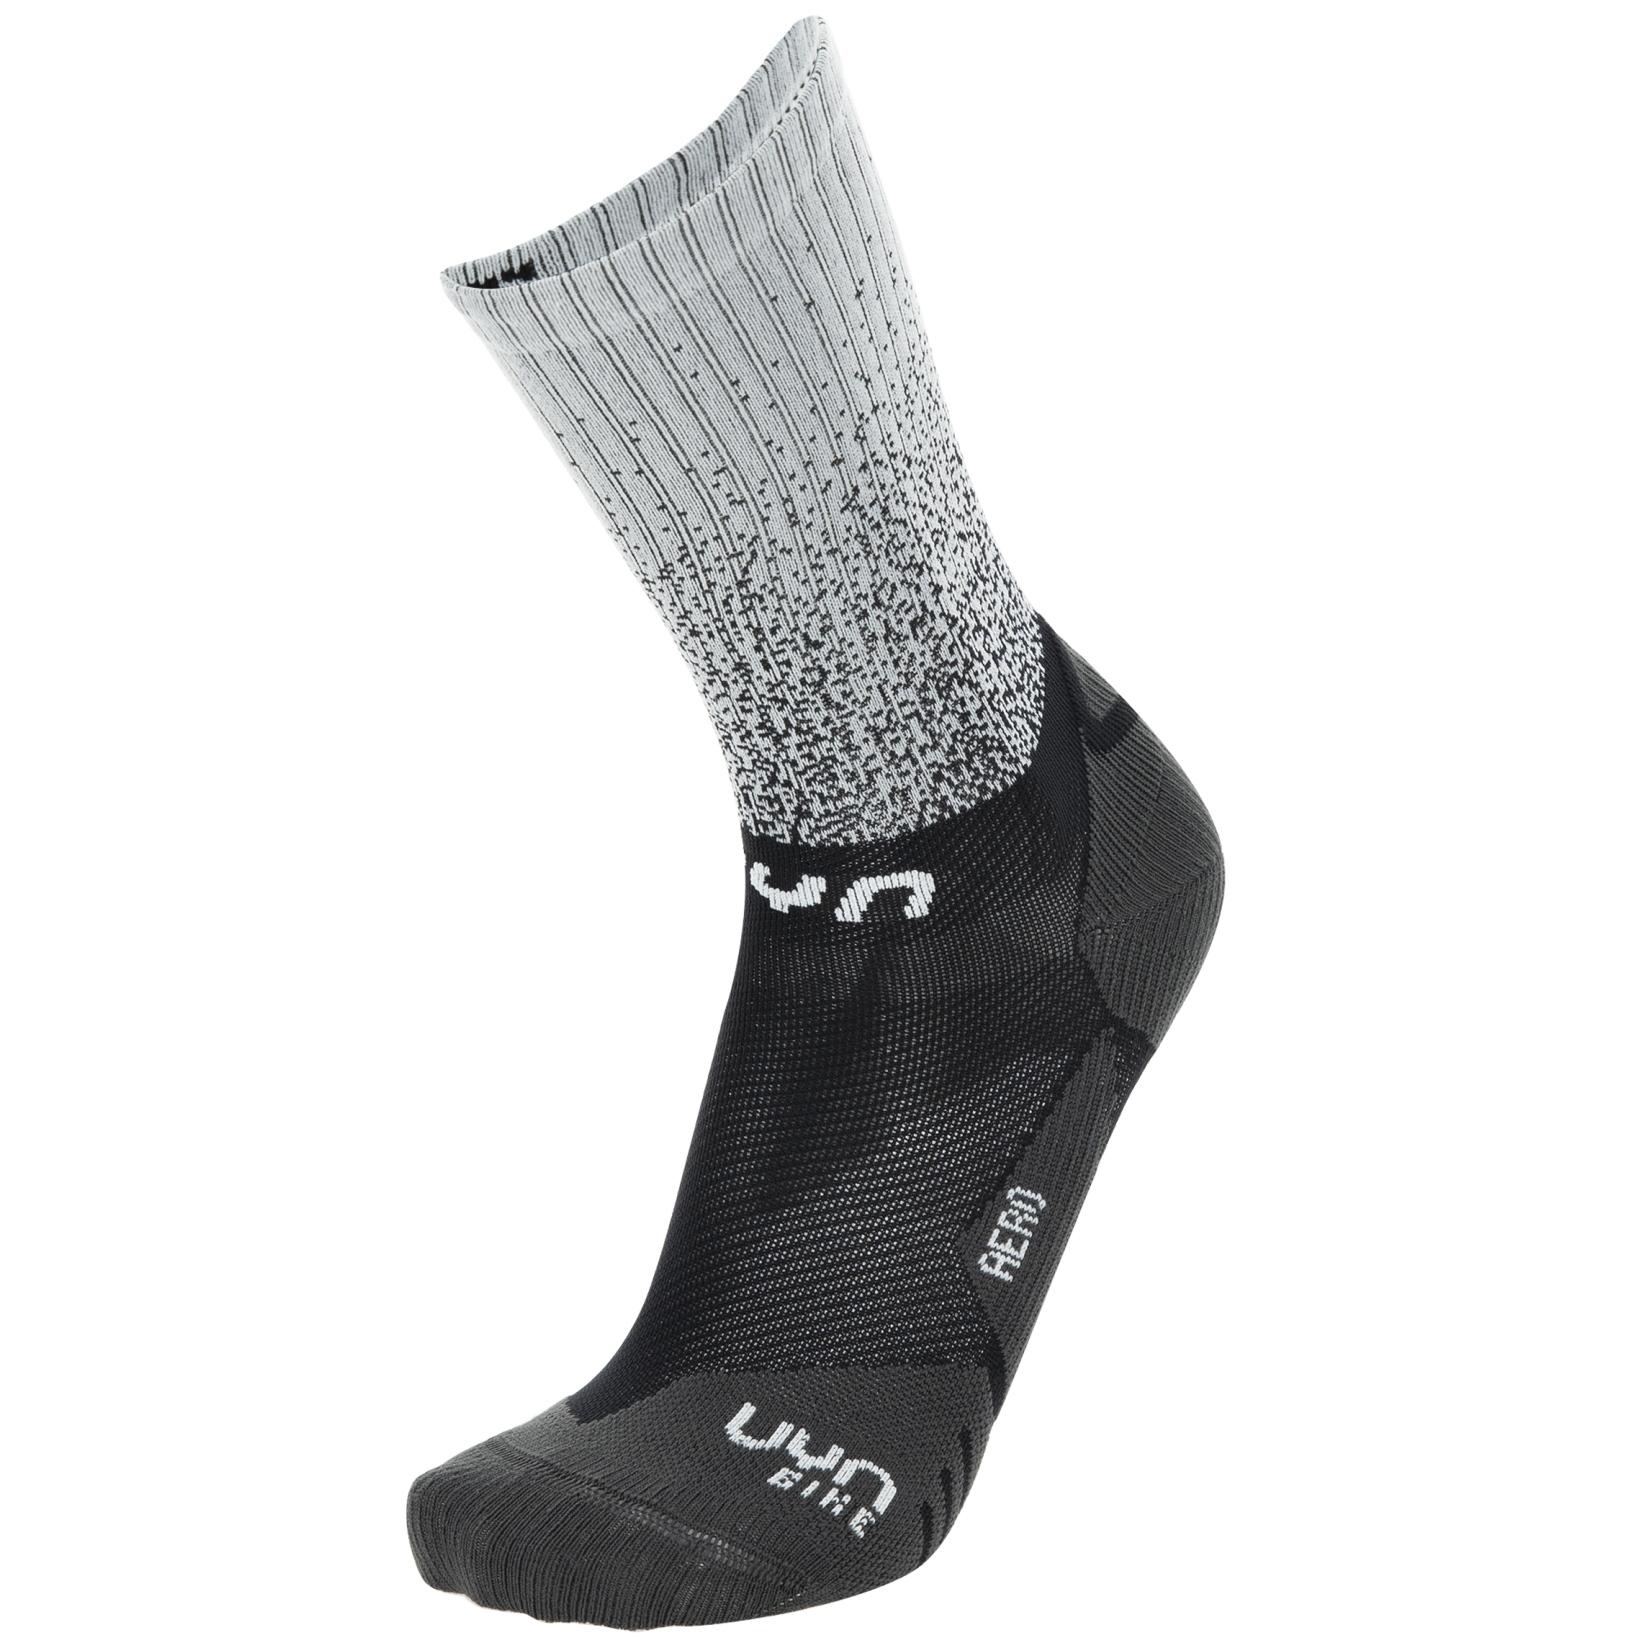 UYN Cycling Aero Socken - Schwarz/Weiß